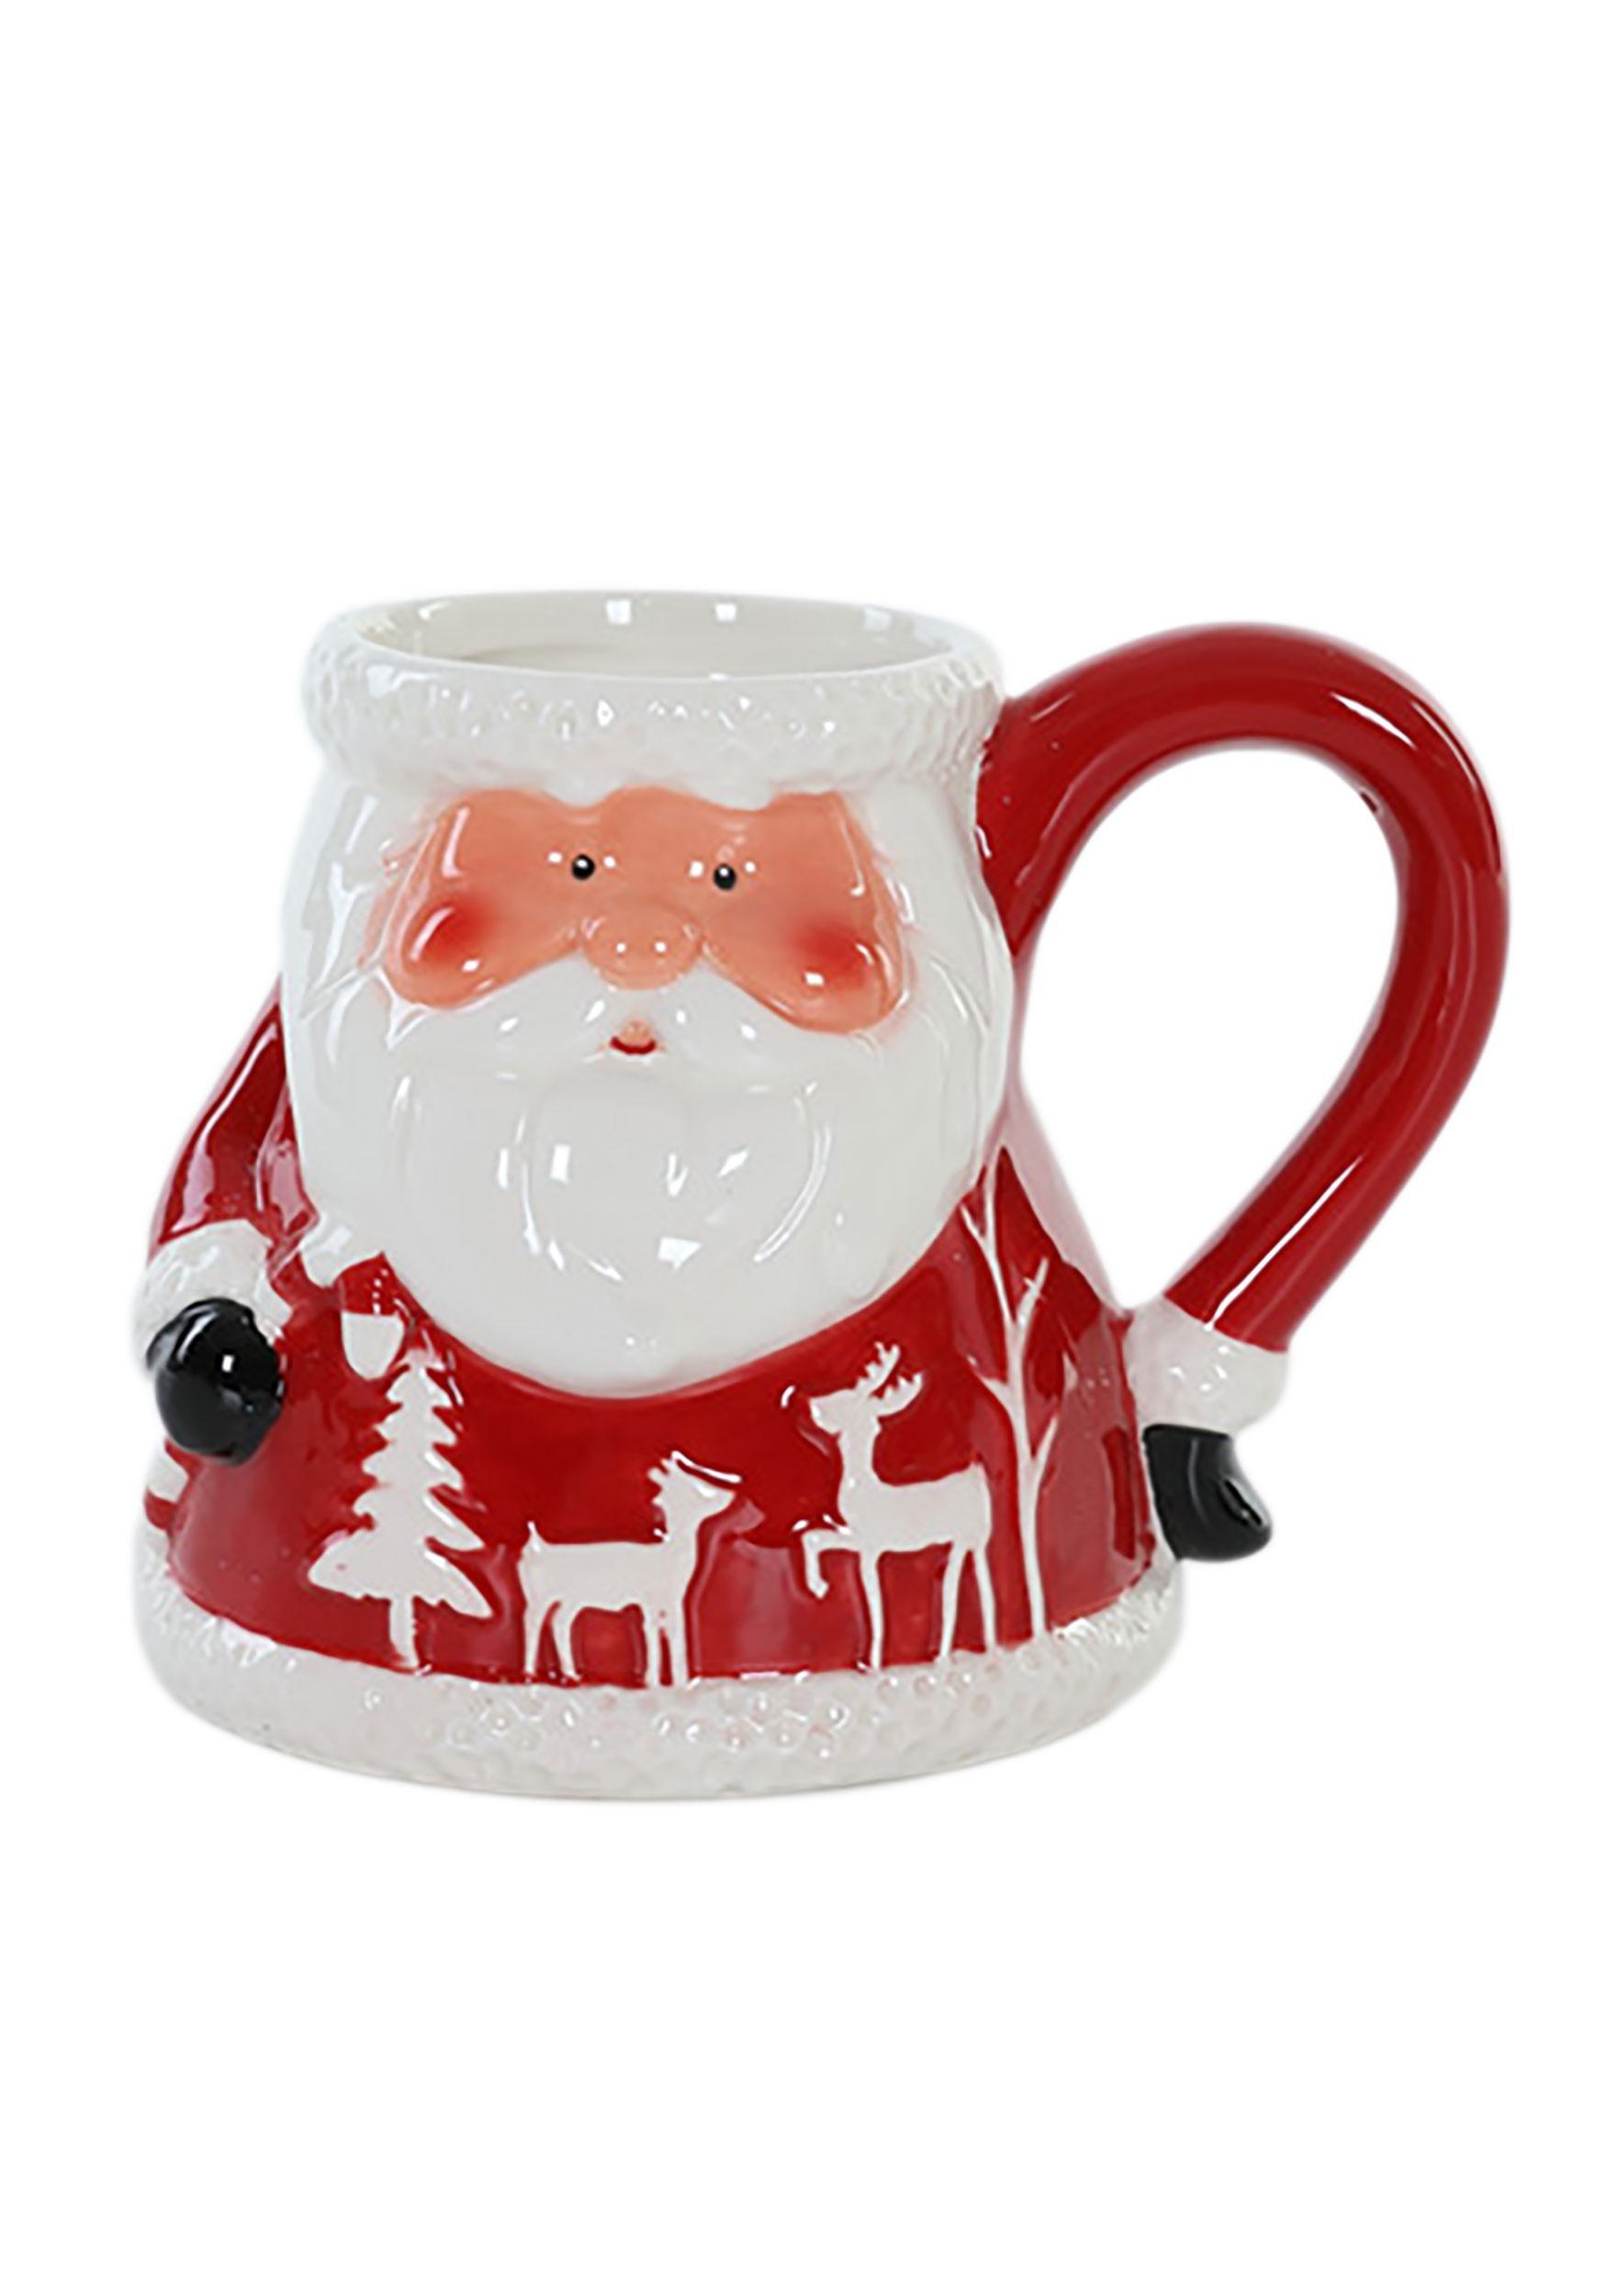 Santa Christmas Ceramic Mug